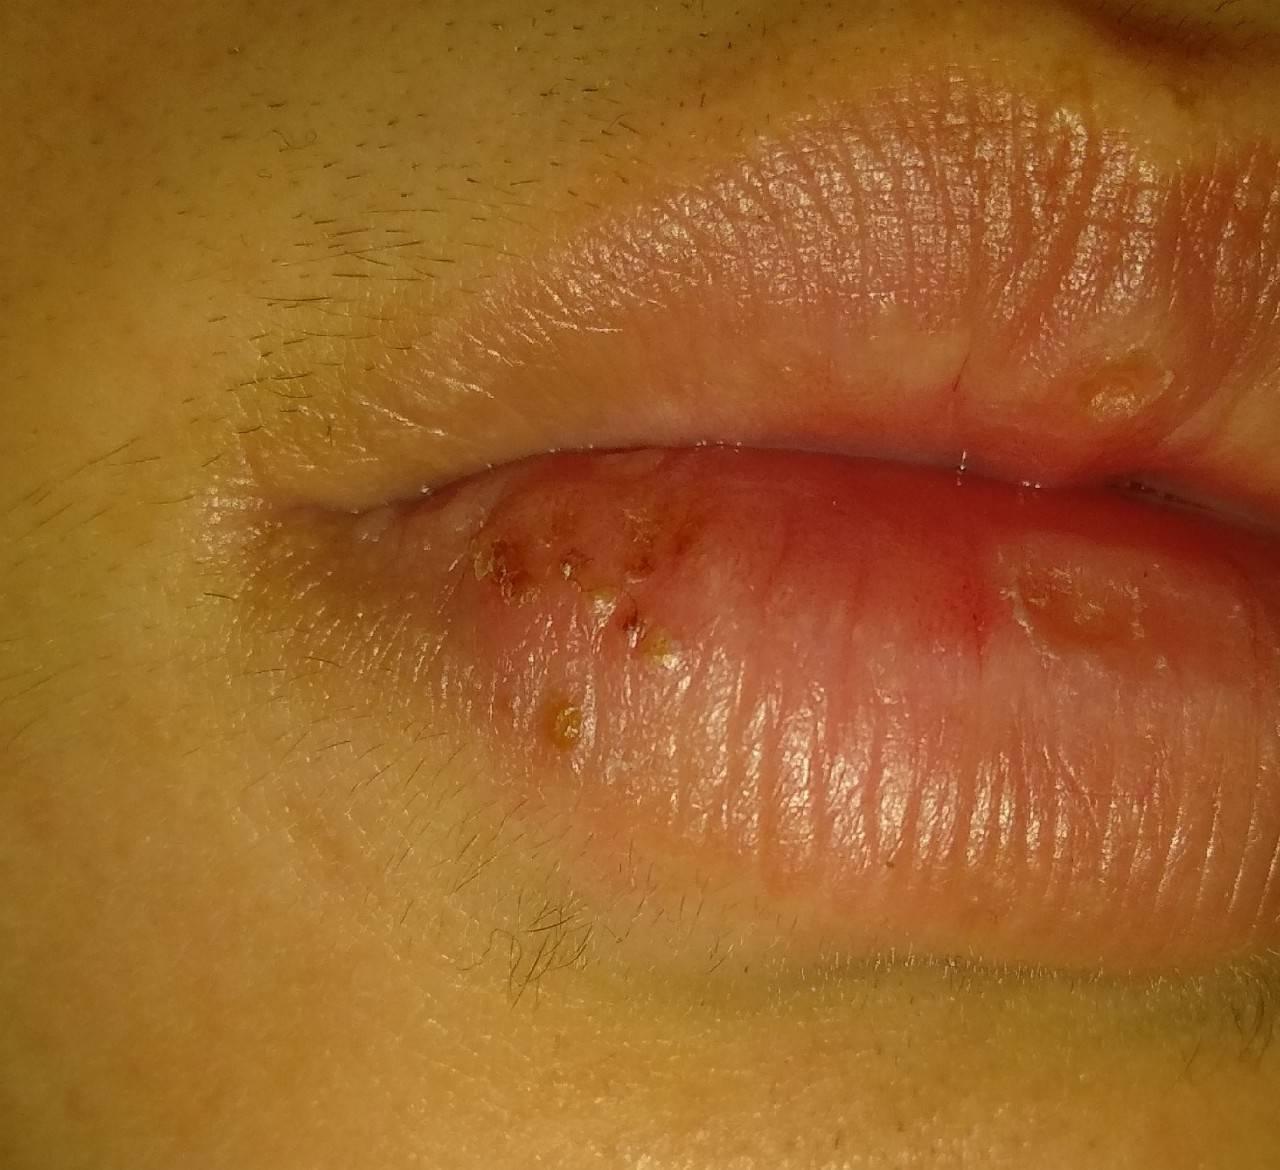 Герпес внутри губы как лечить